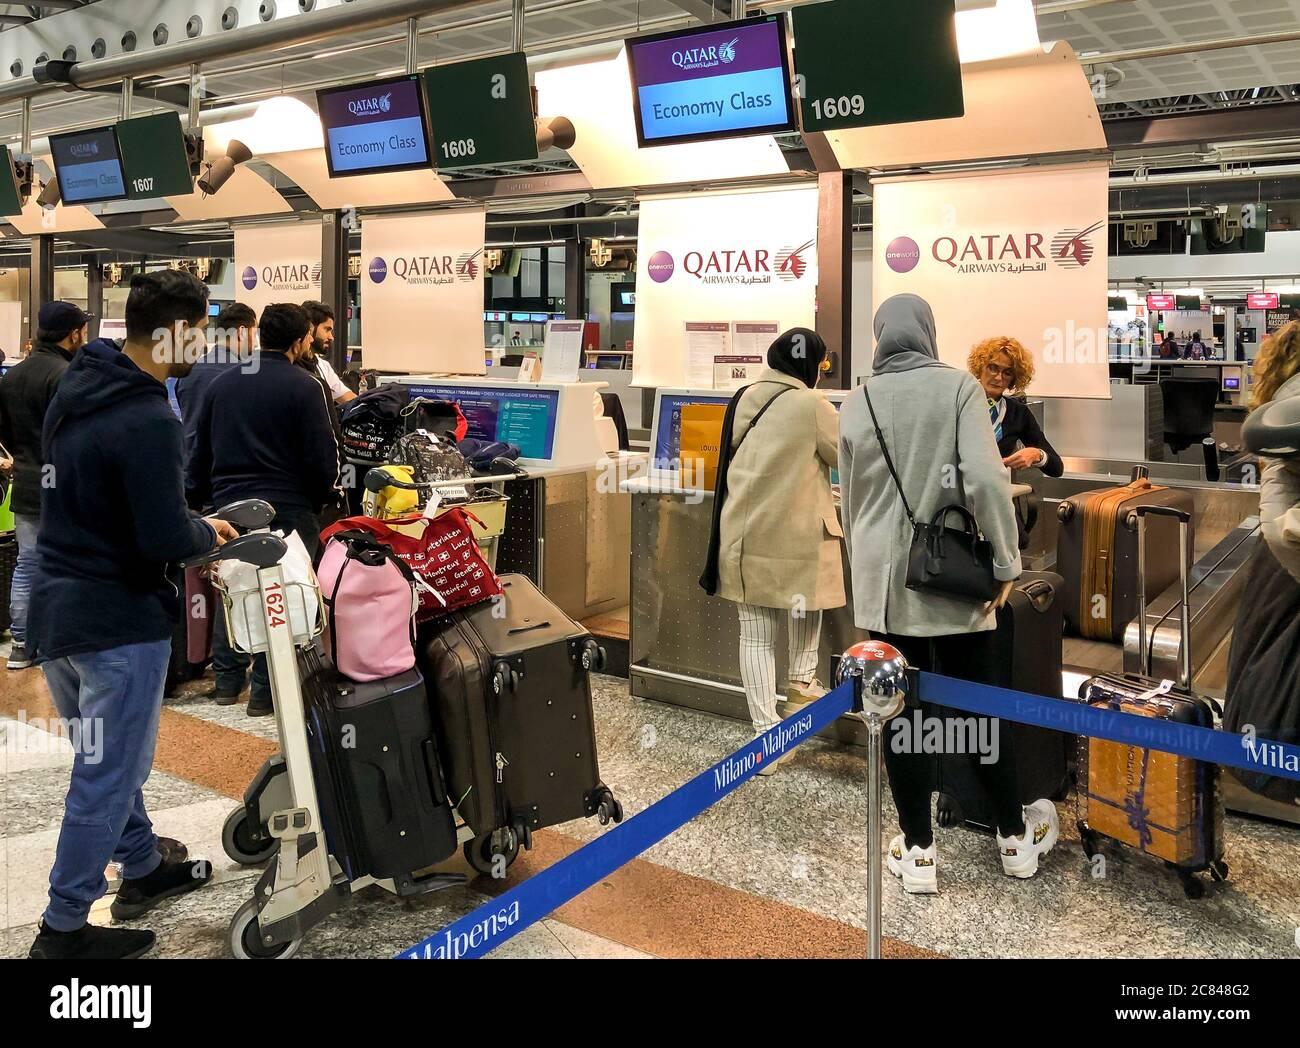 Ferno, Milan-Malpensa, Italie - 8 février 2020 : bureau de Chek-in de la compagnie Qatar Airways pour le vol de Doha à l'intérieur du terminal 1 de l'aéroport de Milan-Malpensa. Banque D'Images